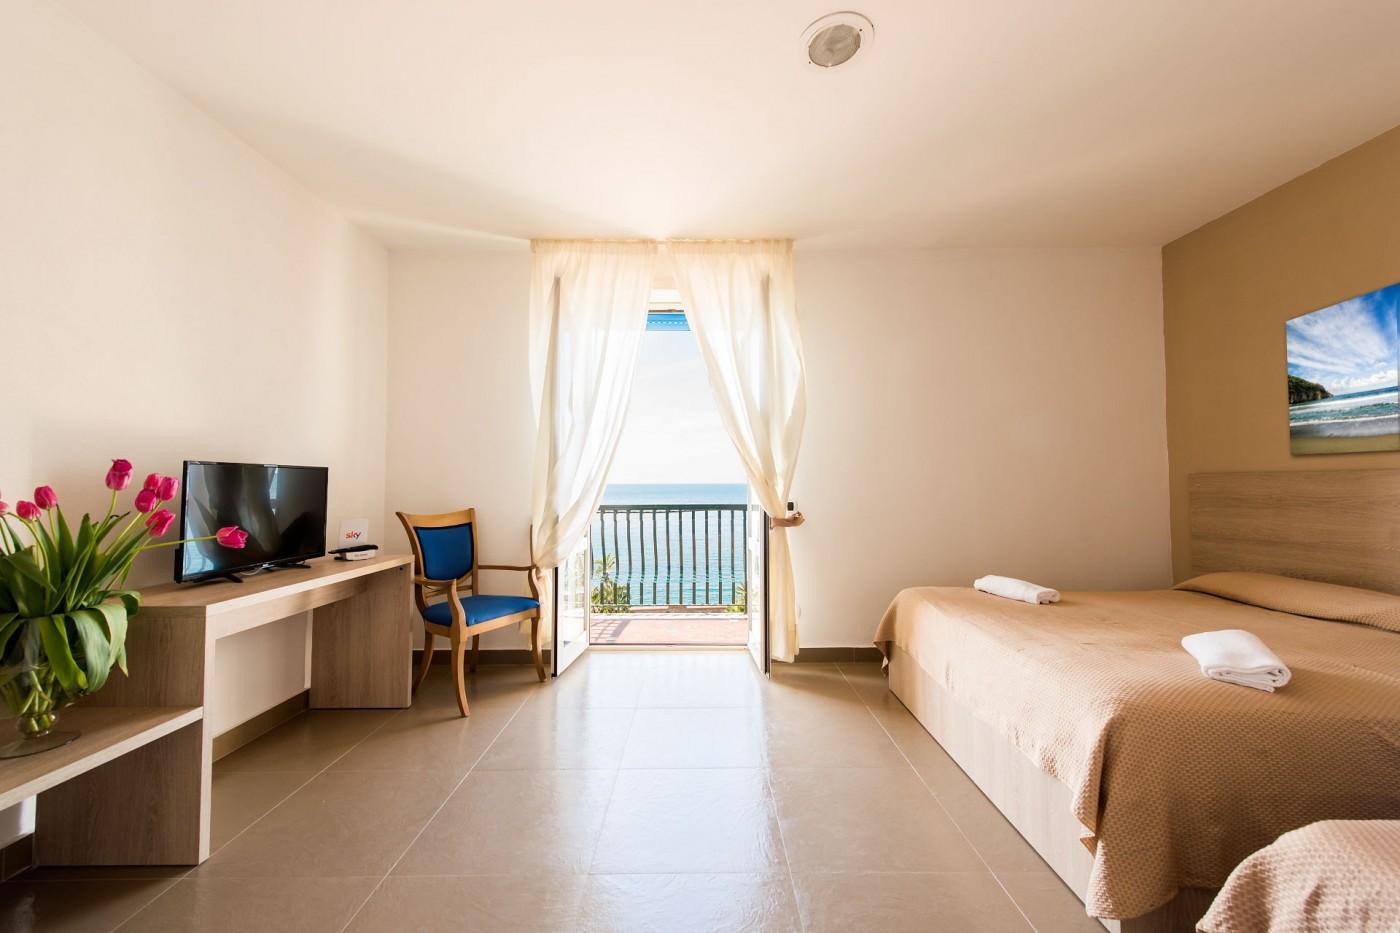 hotel-stella-maris-ischia-camera-3